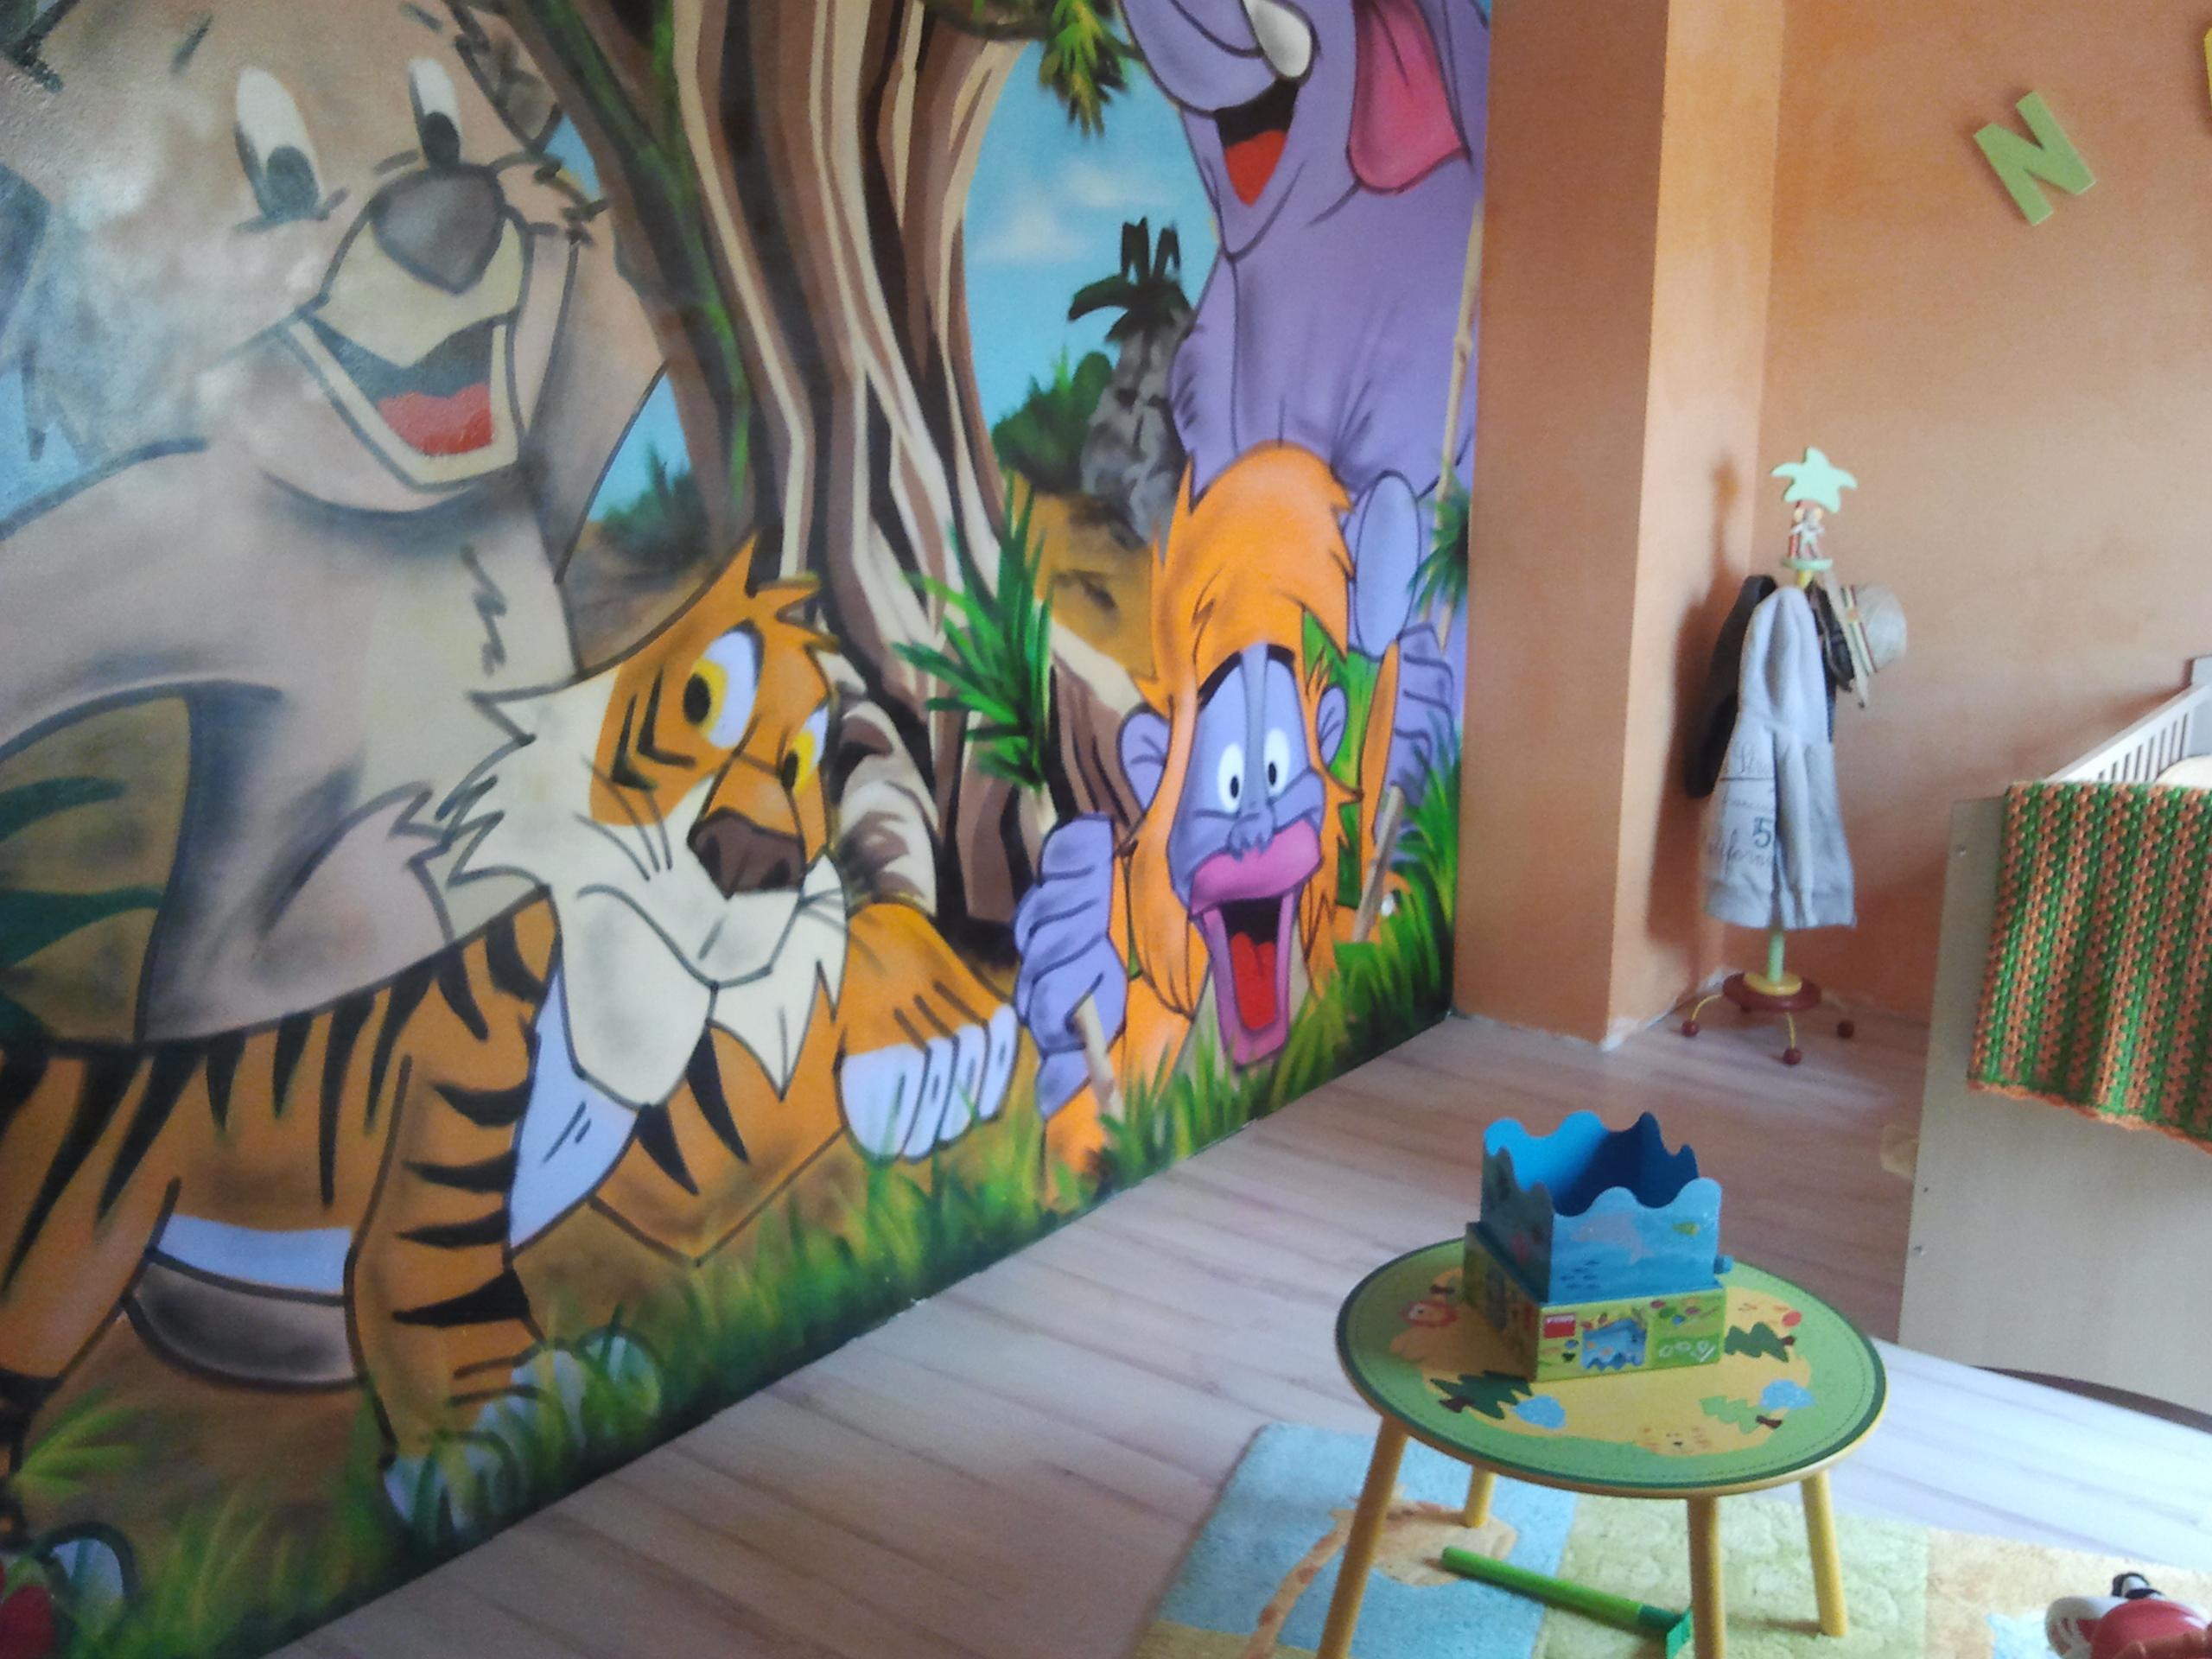 Pierre kerihuel moka d coration graffiti fresques murales for Decoration chambre le roi lion